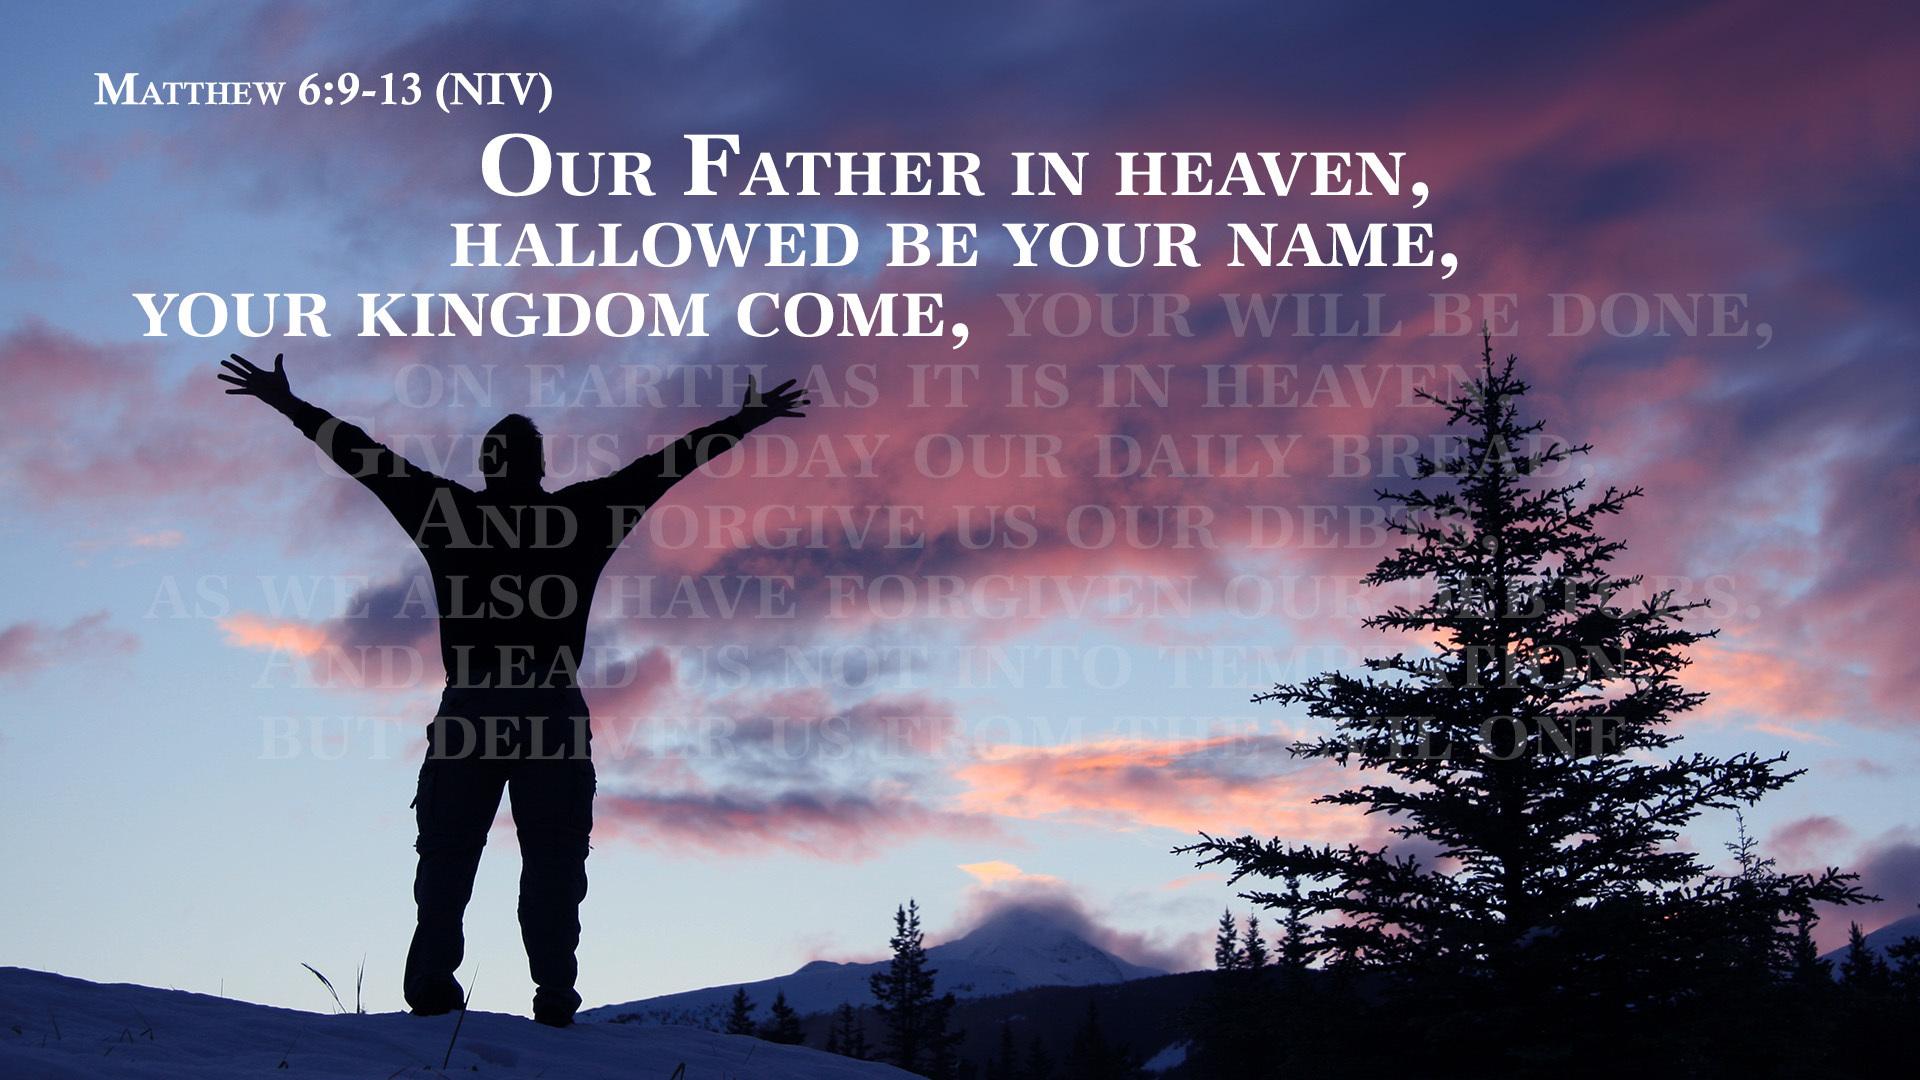 March prayer